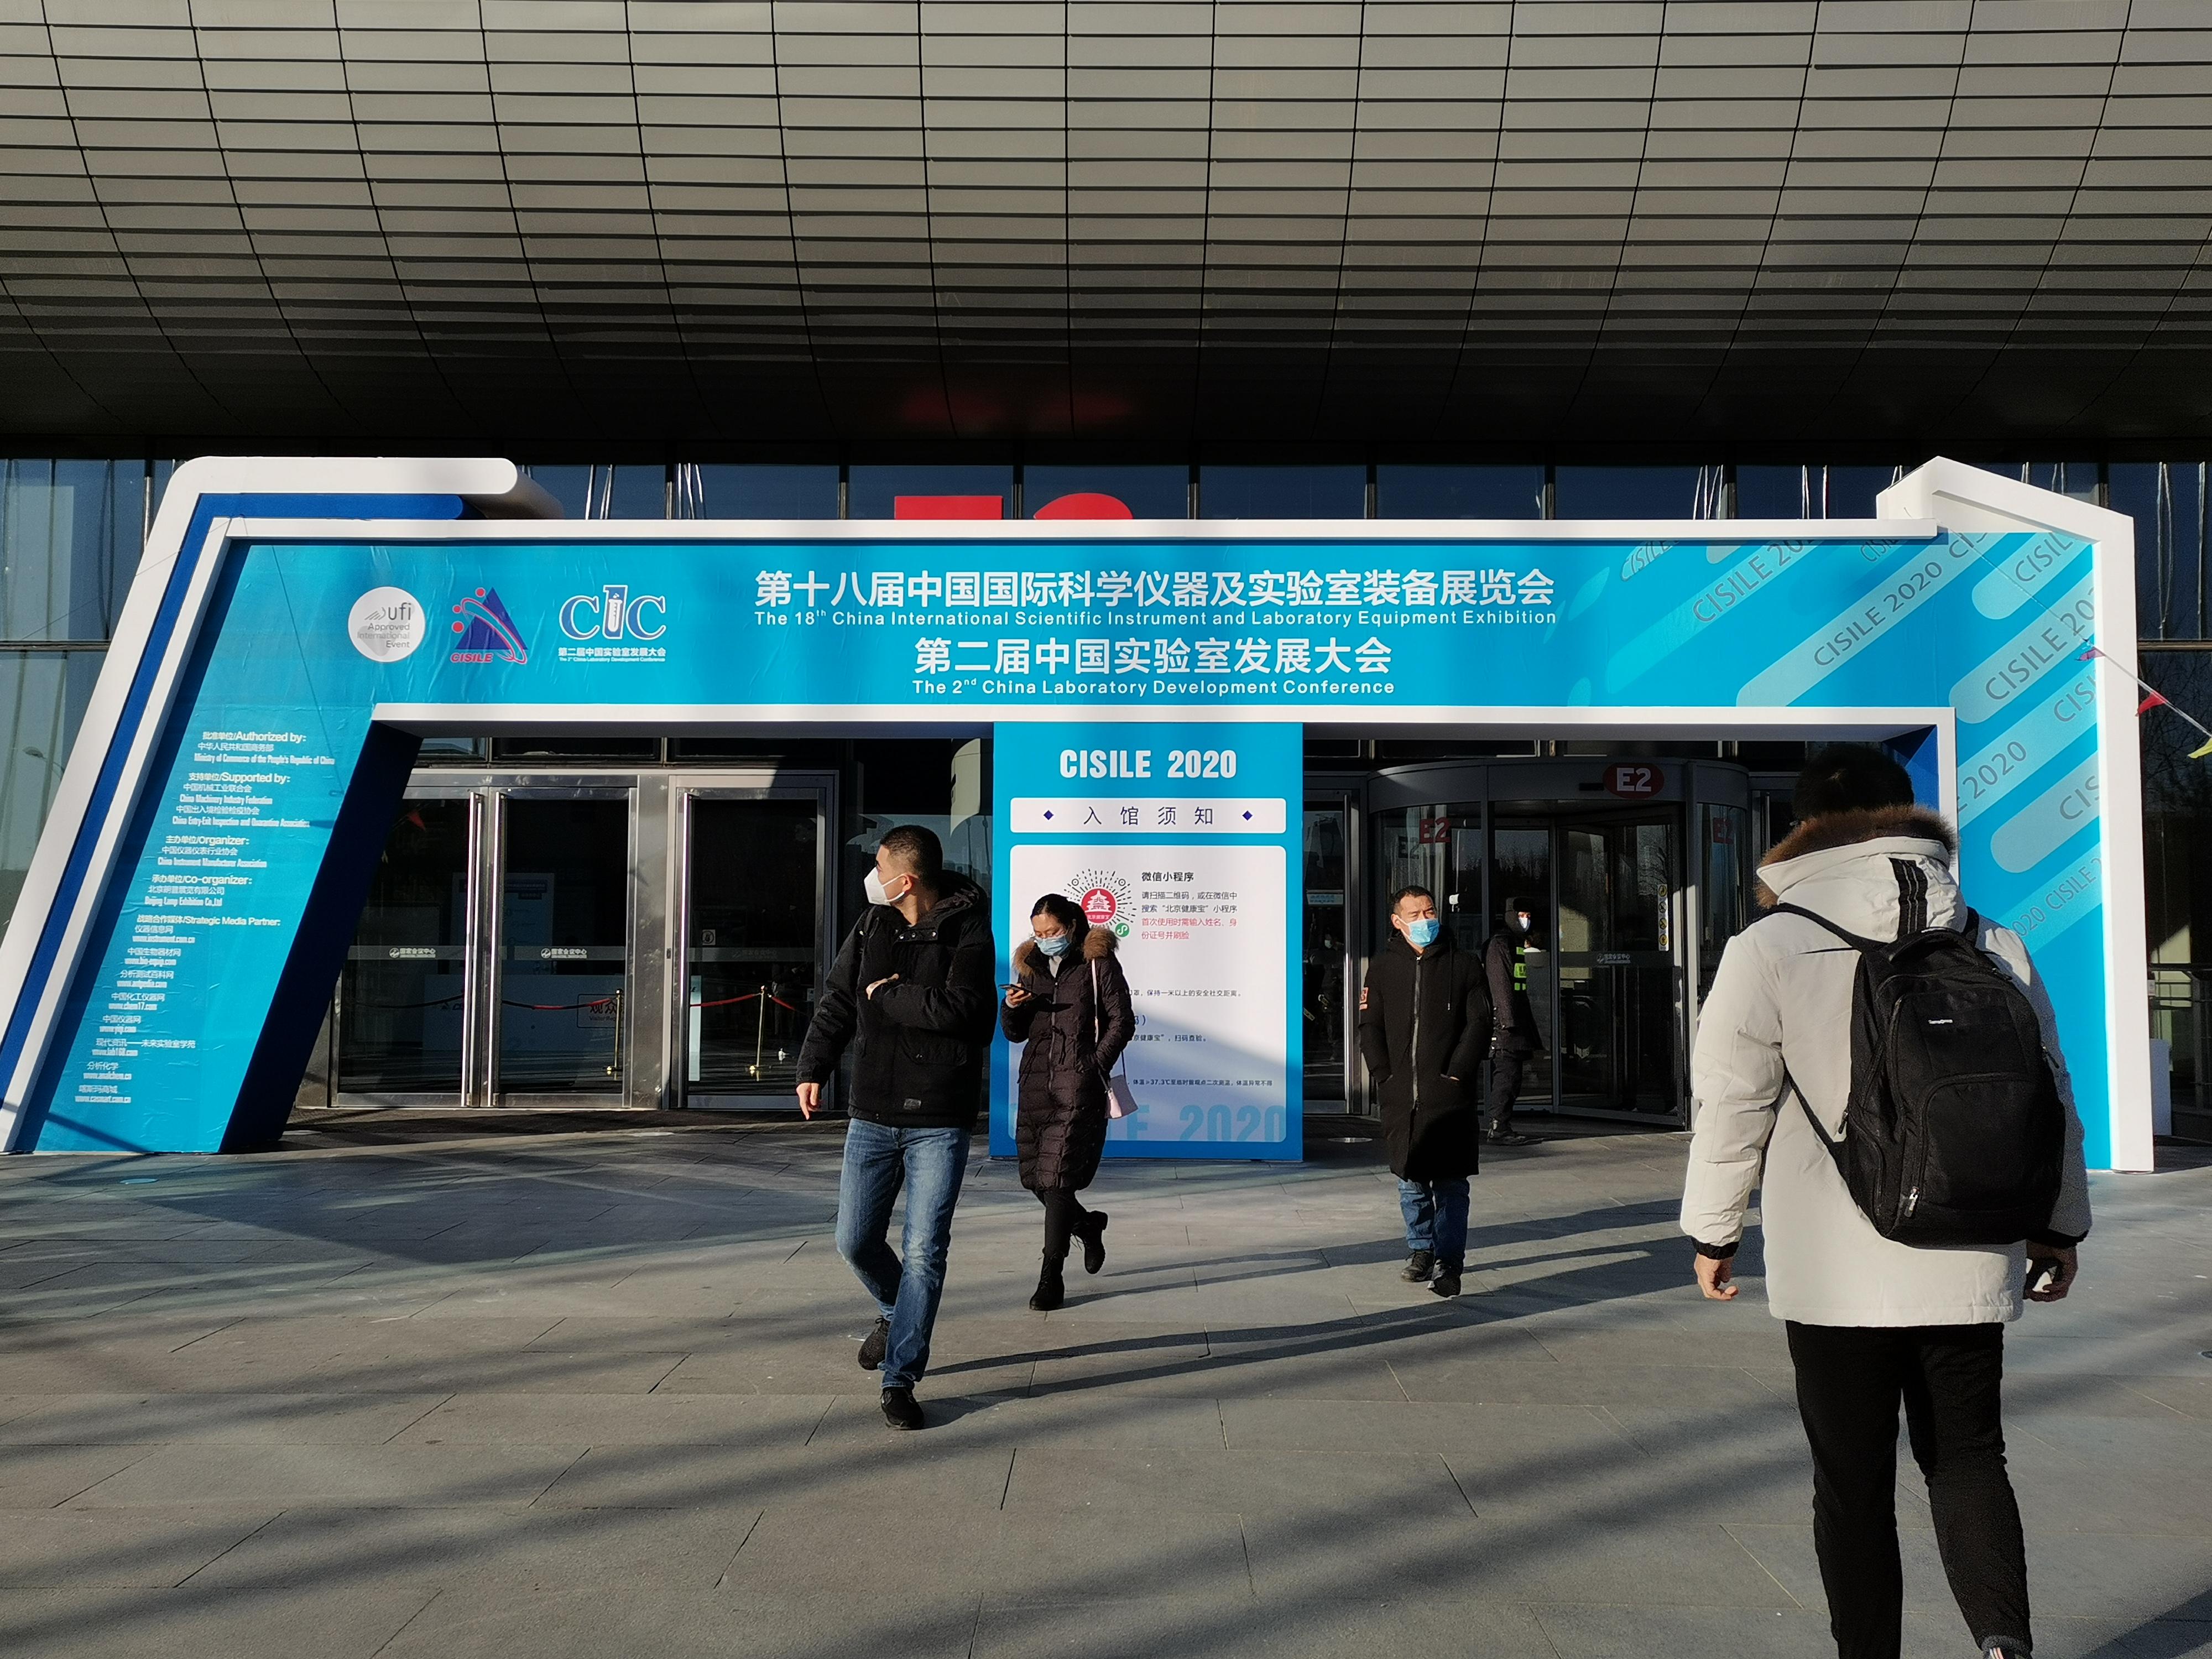 来年再聚 第十八届中国科学仪器及实验室装备展览会圆满落幕!